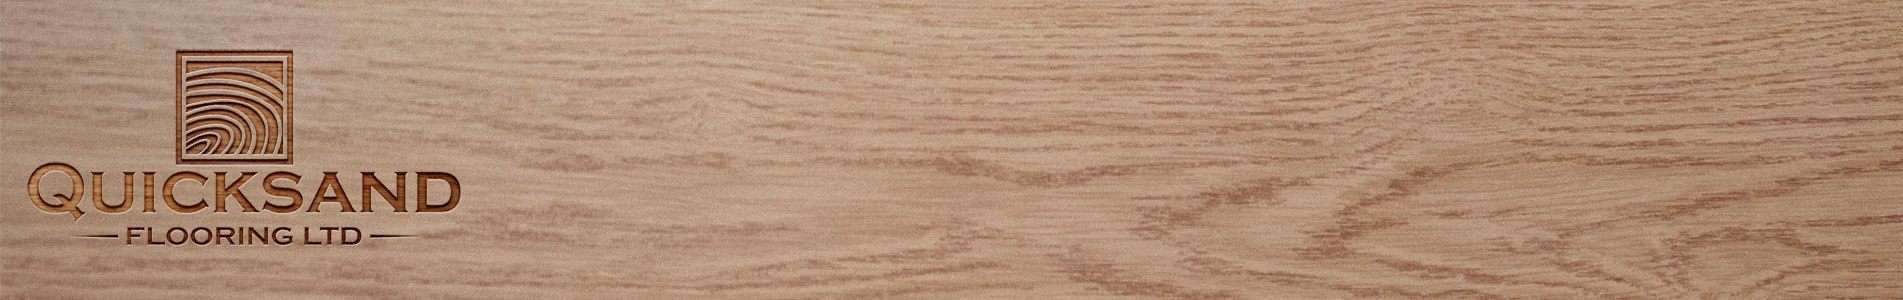 Wood-Engraved-Logo-MockUp-2